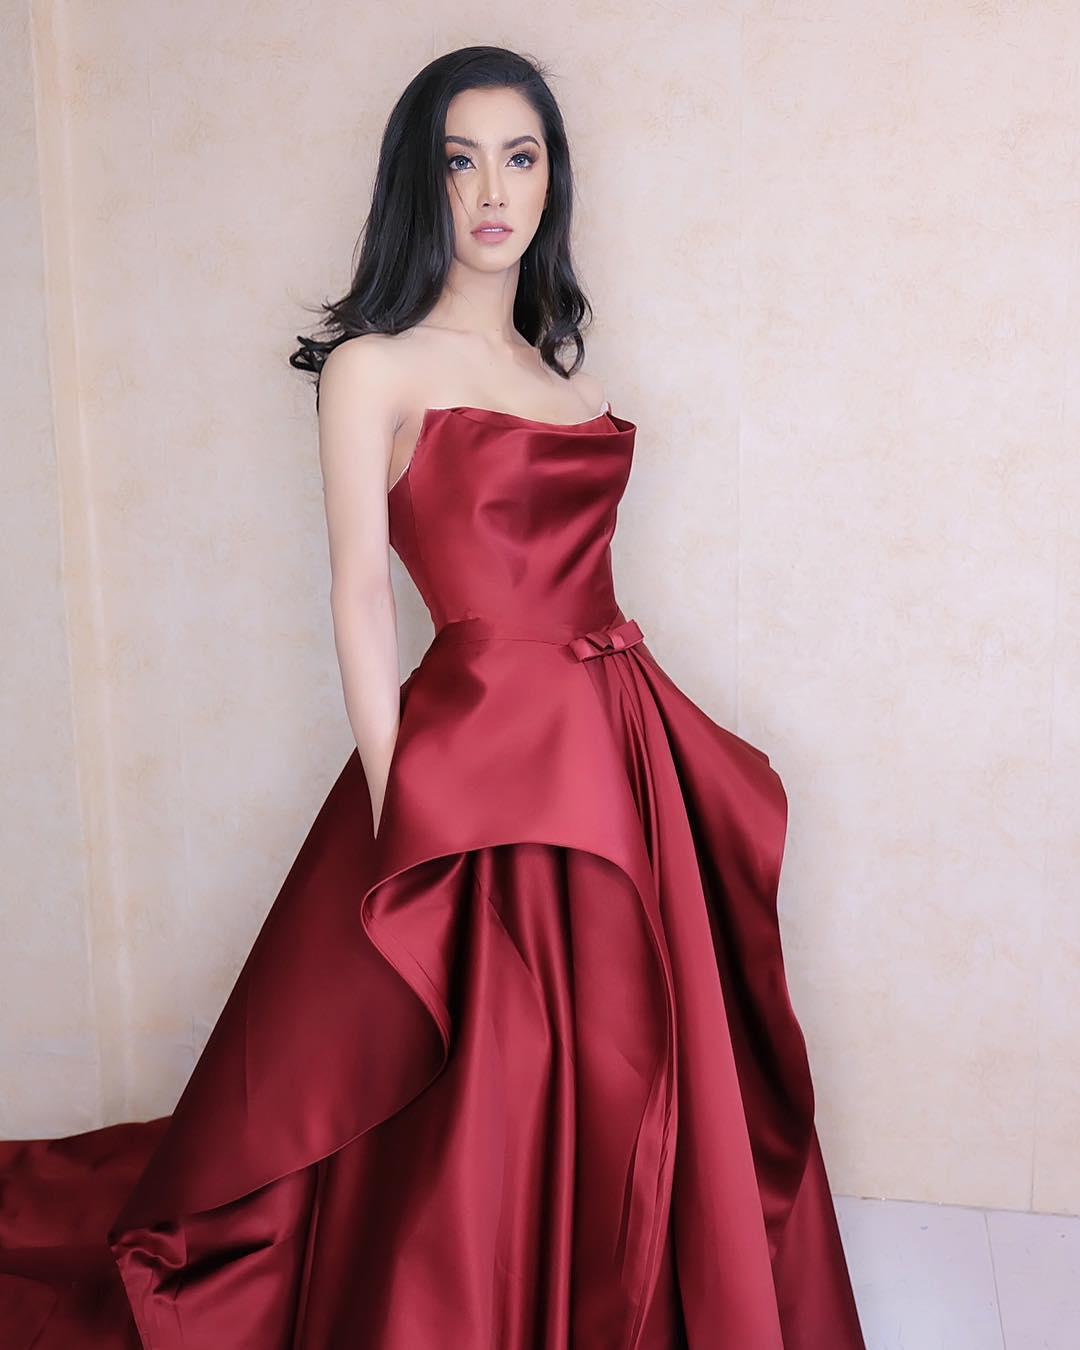 mỹ nhân chuyển giới - nadia diện váy đỏ